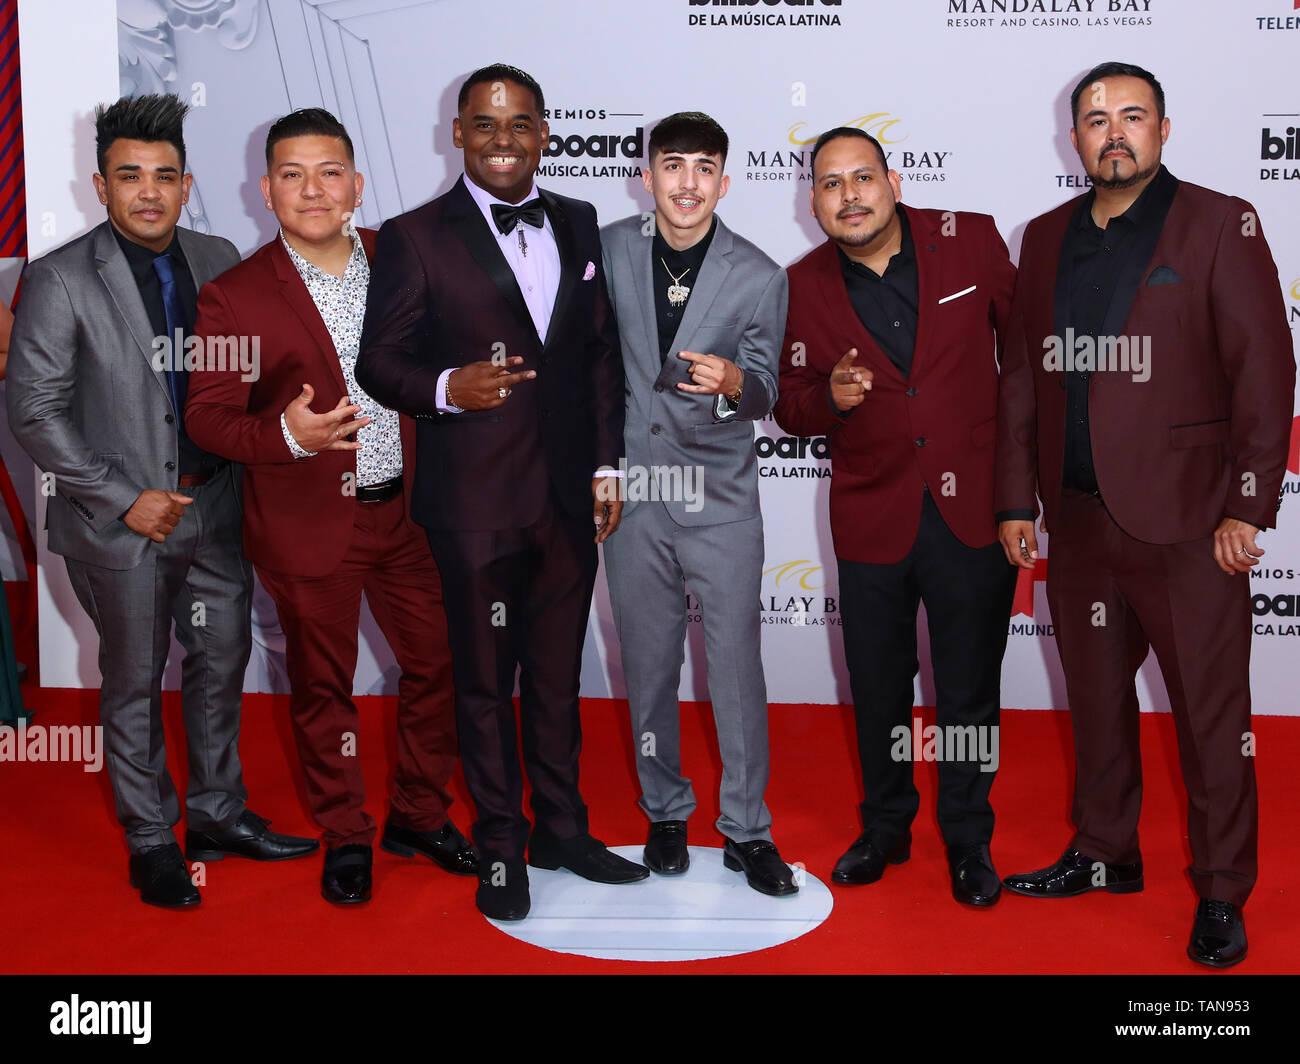 2019 Latin Billboard Awards Red Carpet gli arrivi al Mandalay Bay Event Center Las Vegas offre: T3R Elemento dove: Las Vegas, Nevada, Stati Uniti quando: 25 Apr 2019 Credit: Judy Eddy/WENN.com Immagini Stock